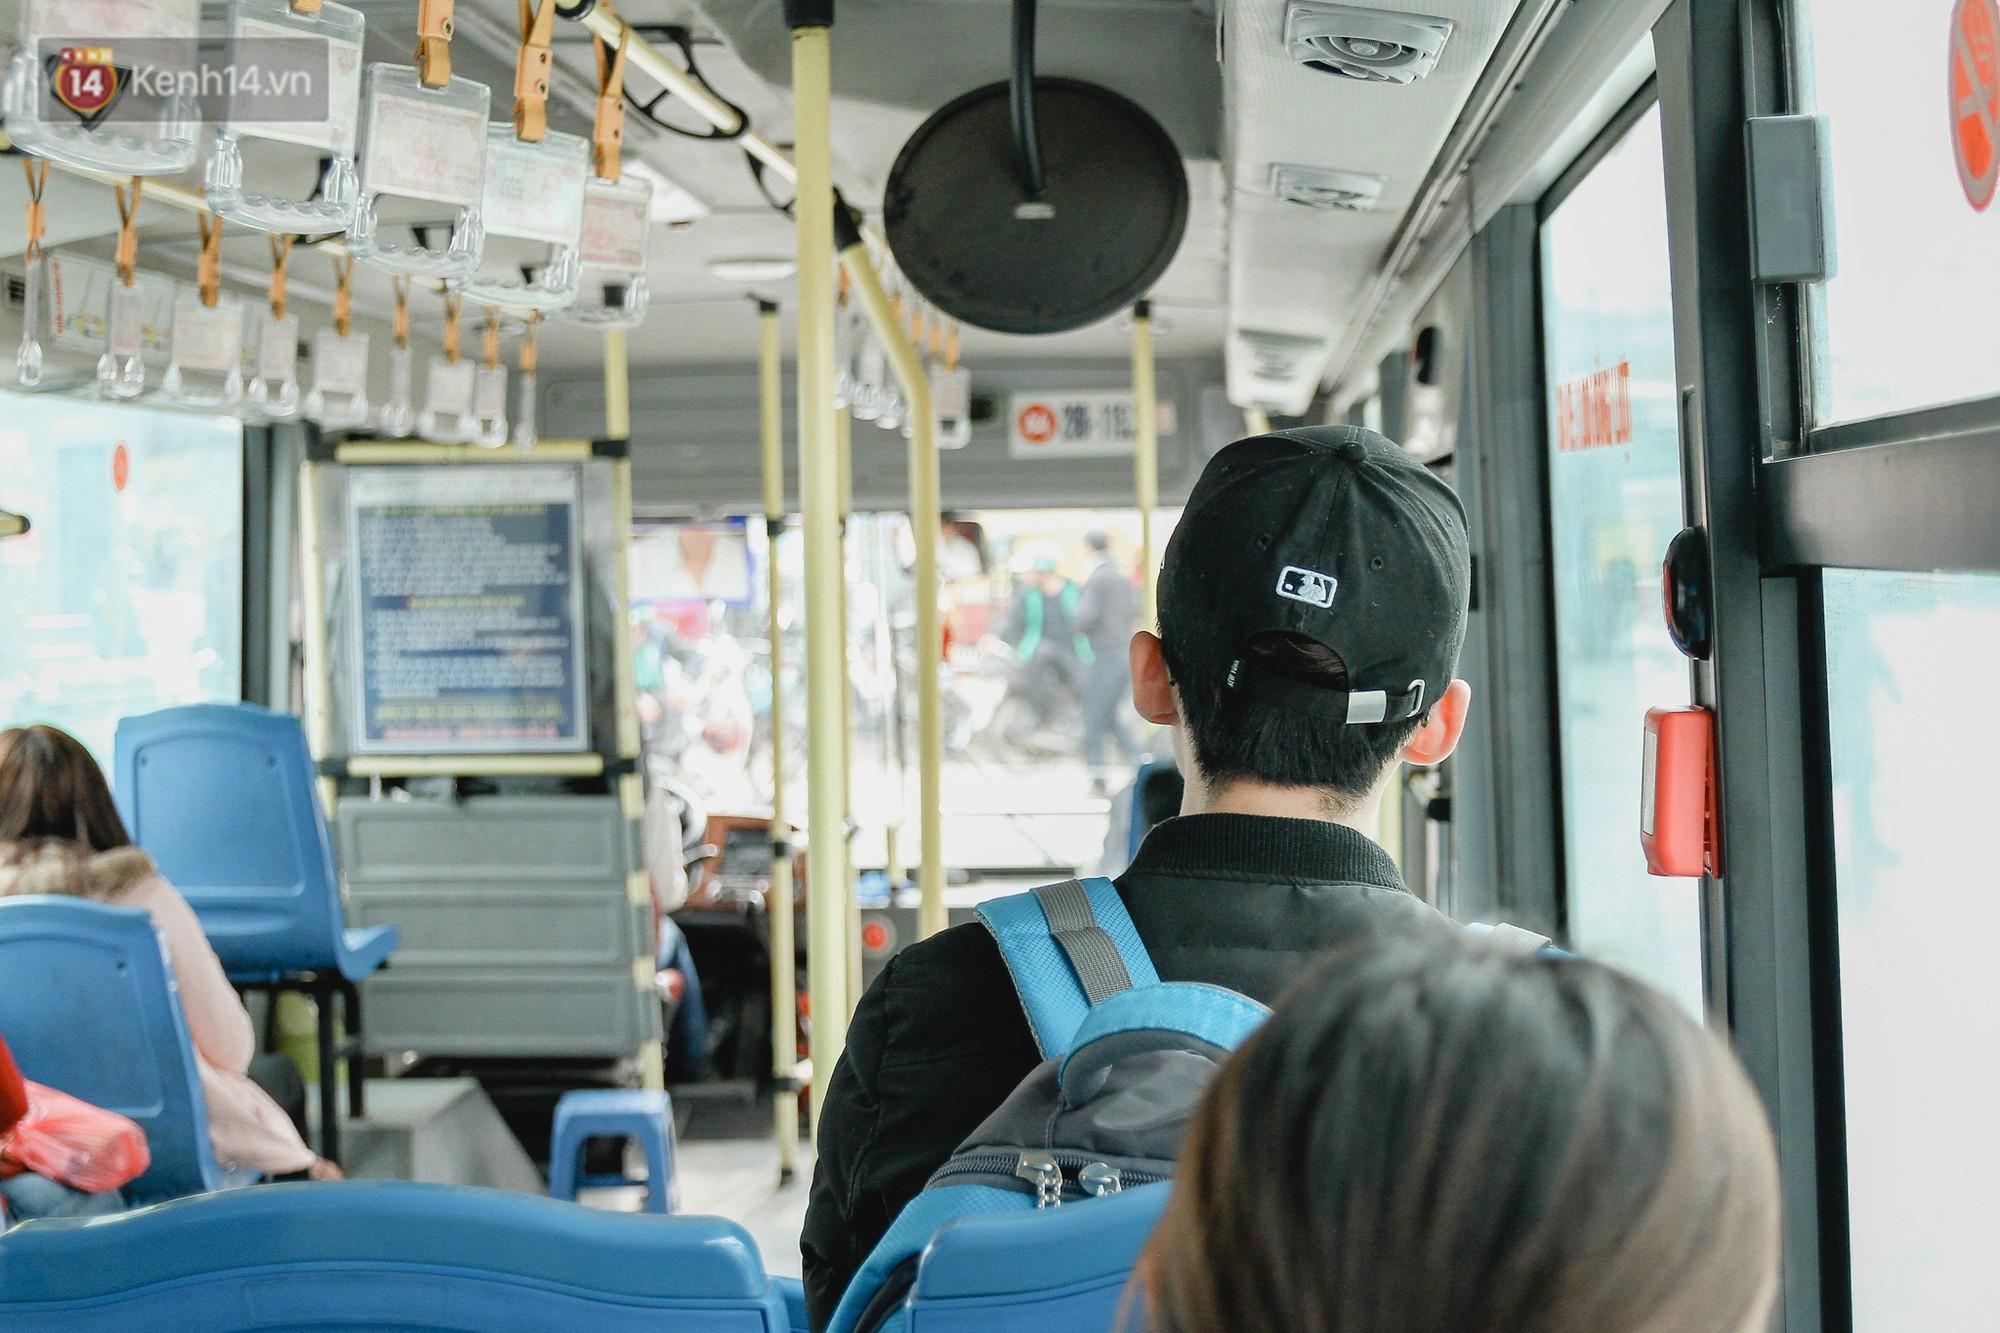 Chuyến xe bus siêu độc đáo ở Hà Nội - treo đỏ chót những tờ 500, 1000 đồng khắp xe 1